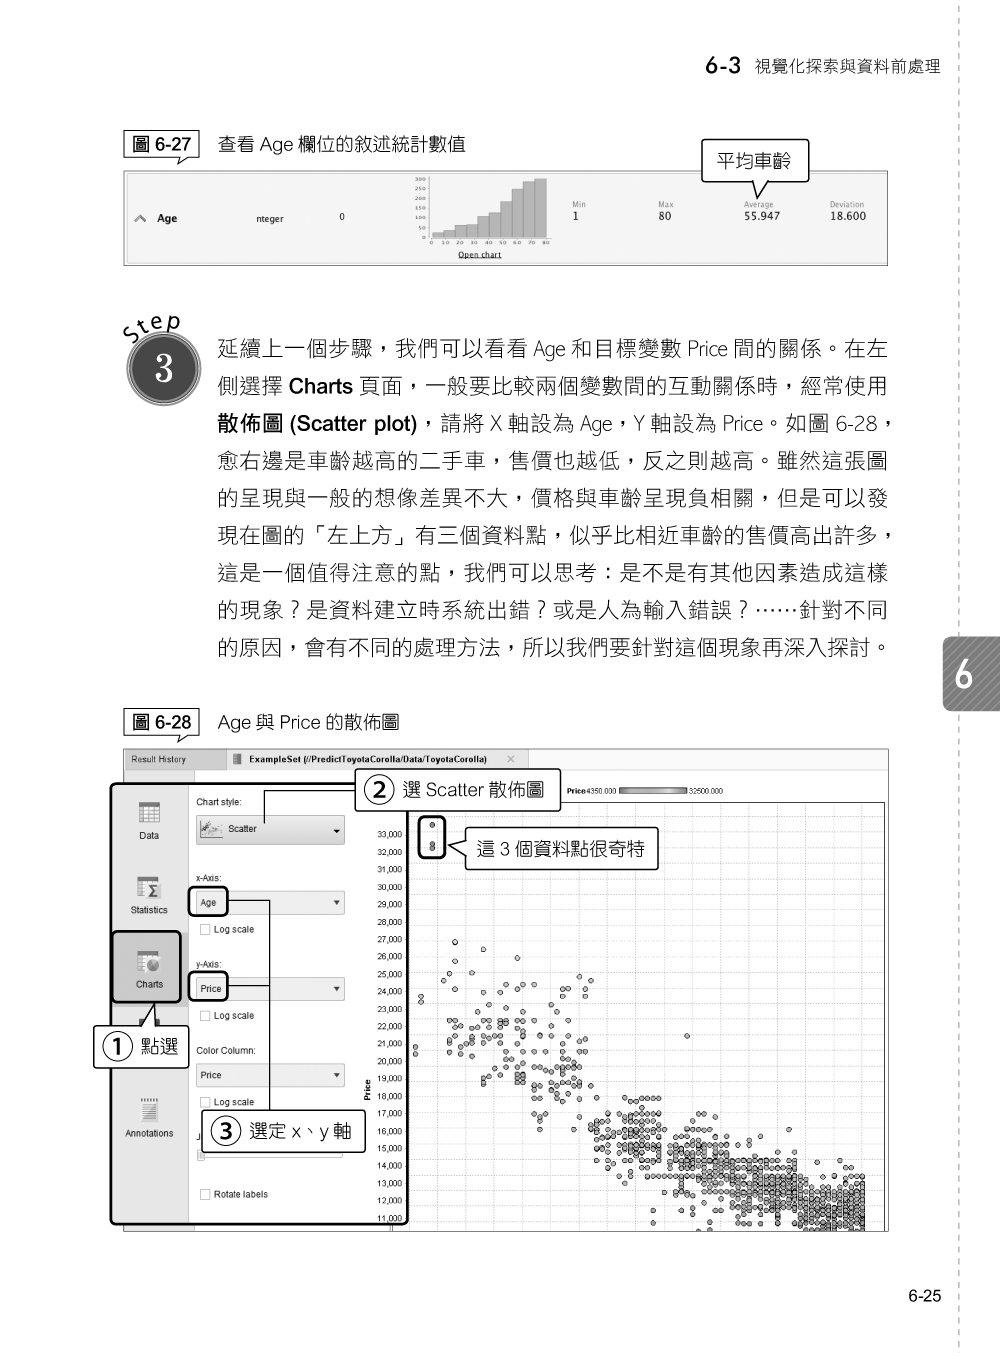 不懂程式也能學會的大數據分析術 - 使用 RapidMiner-preview-8